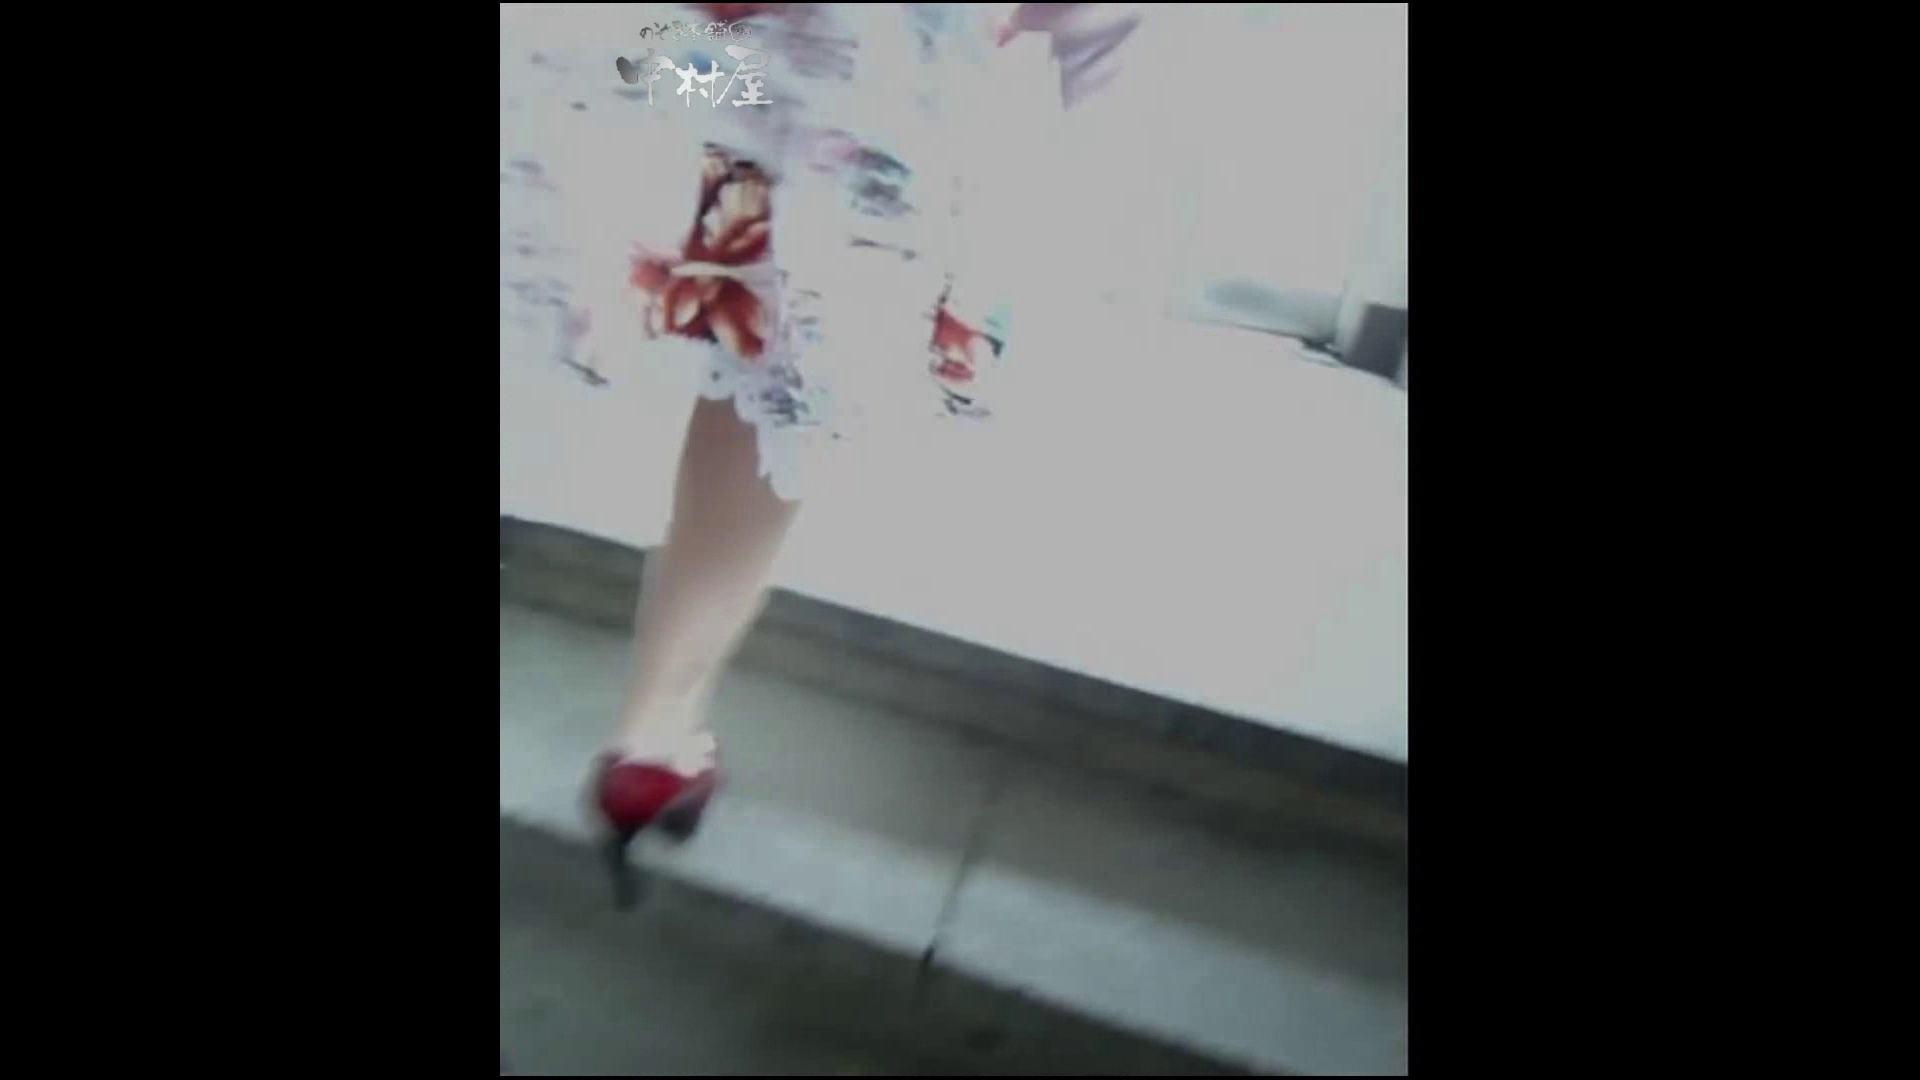 綺麗なモデルさんのスカート捲っちゃおう‼ vol28 お姉さんのエロ動画 | 0  111PIX 77